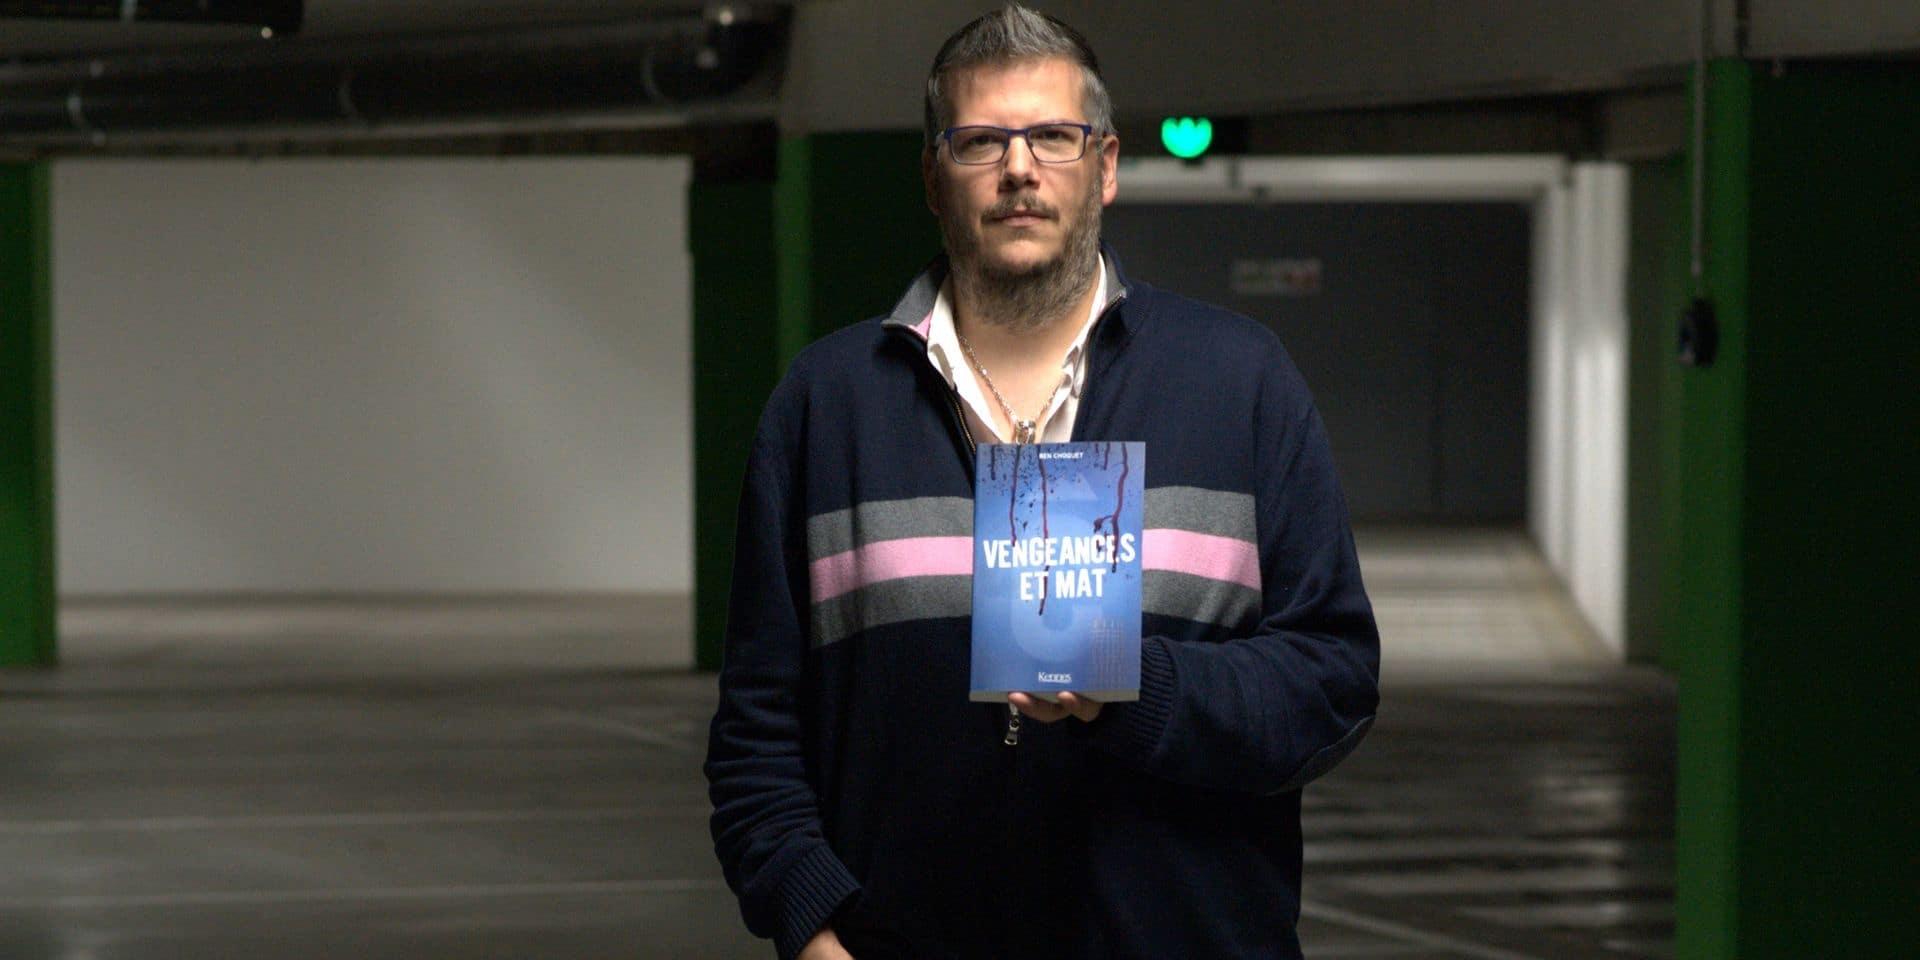 De l'auto-édition à une distribution européenne: Ben Choquet, en tournée de dédicaces, va écrire un autre roman